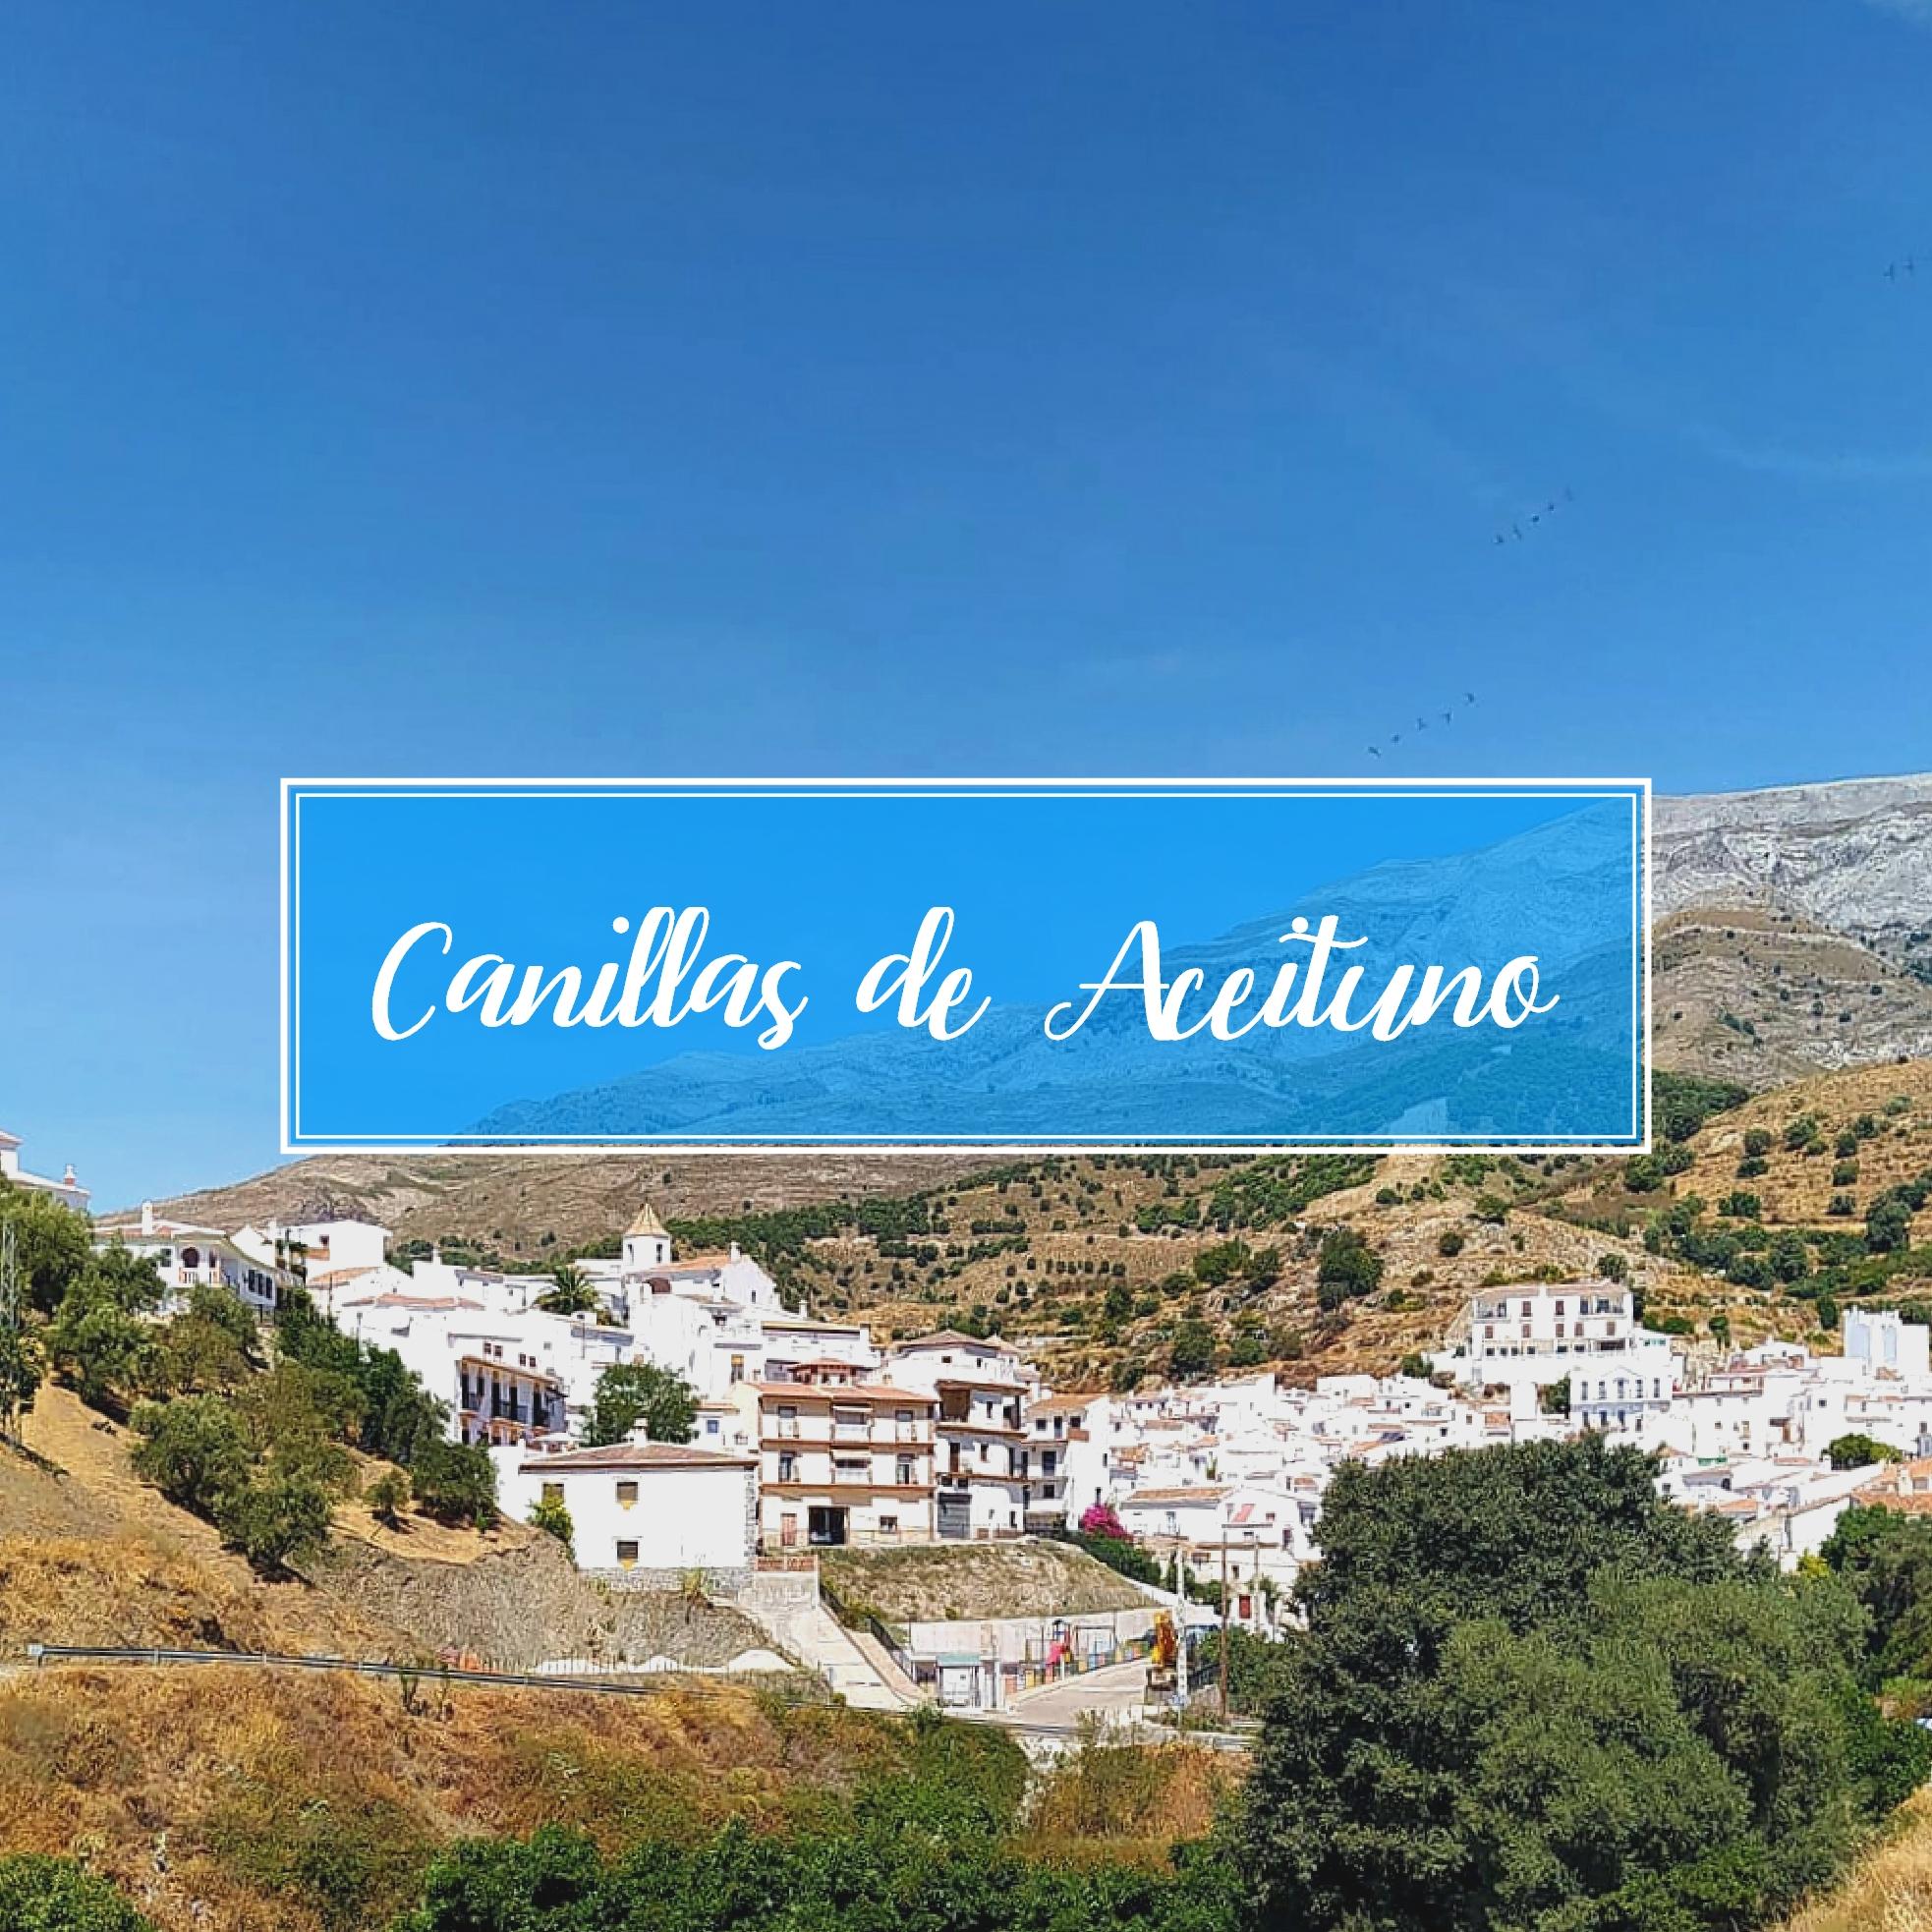 Canillas del Aceituno Pueblo Malaga